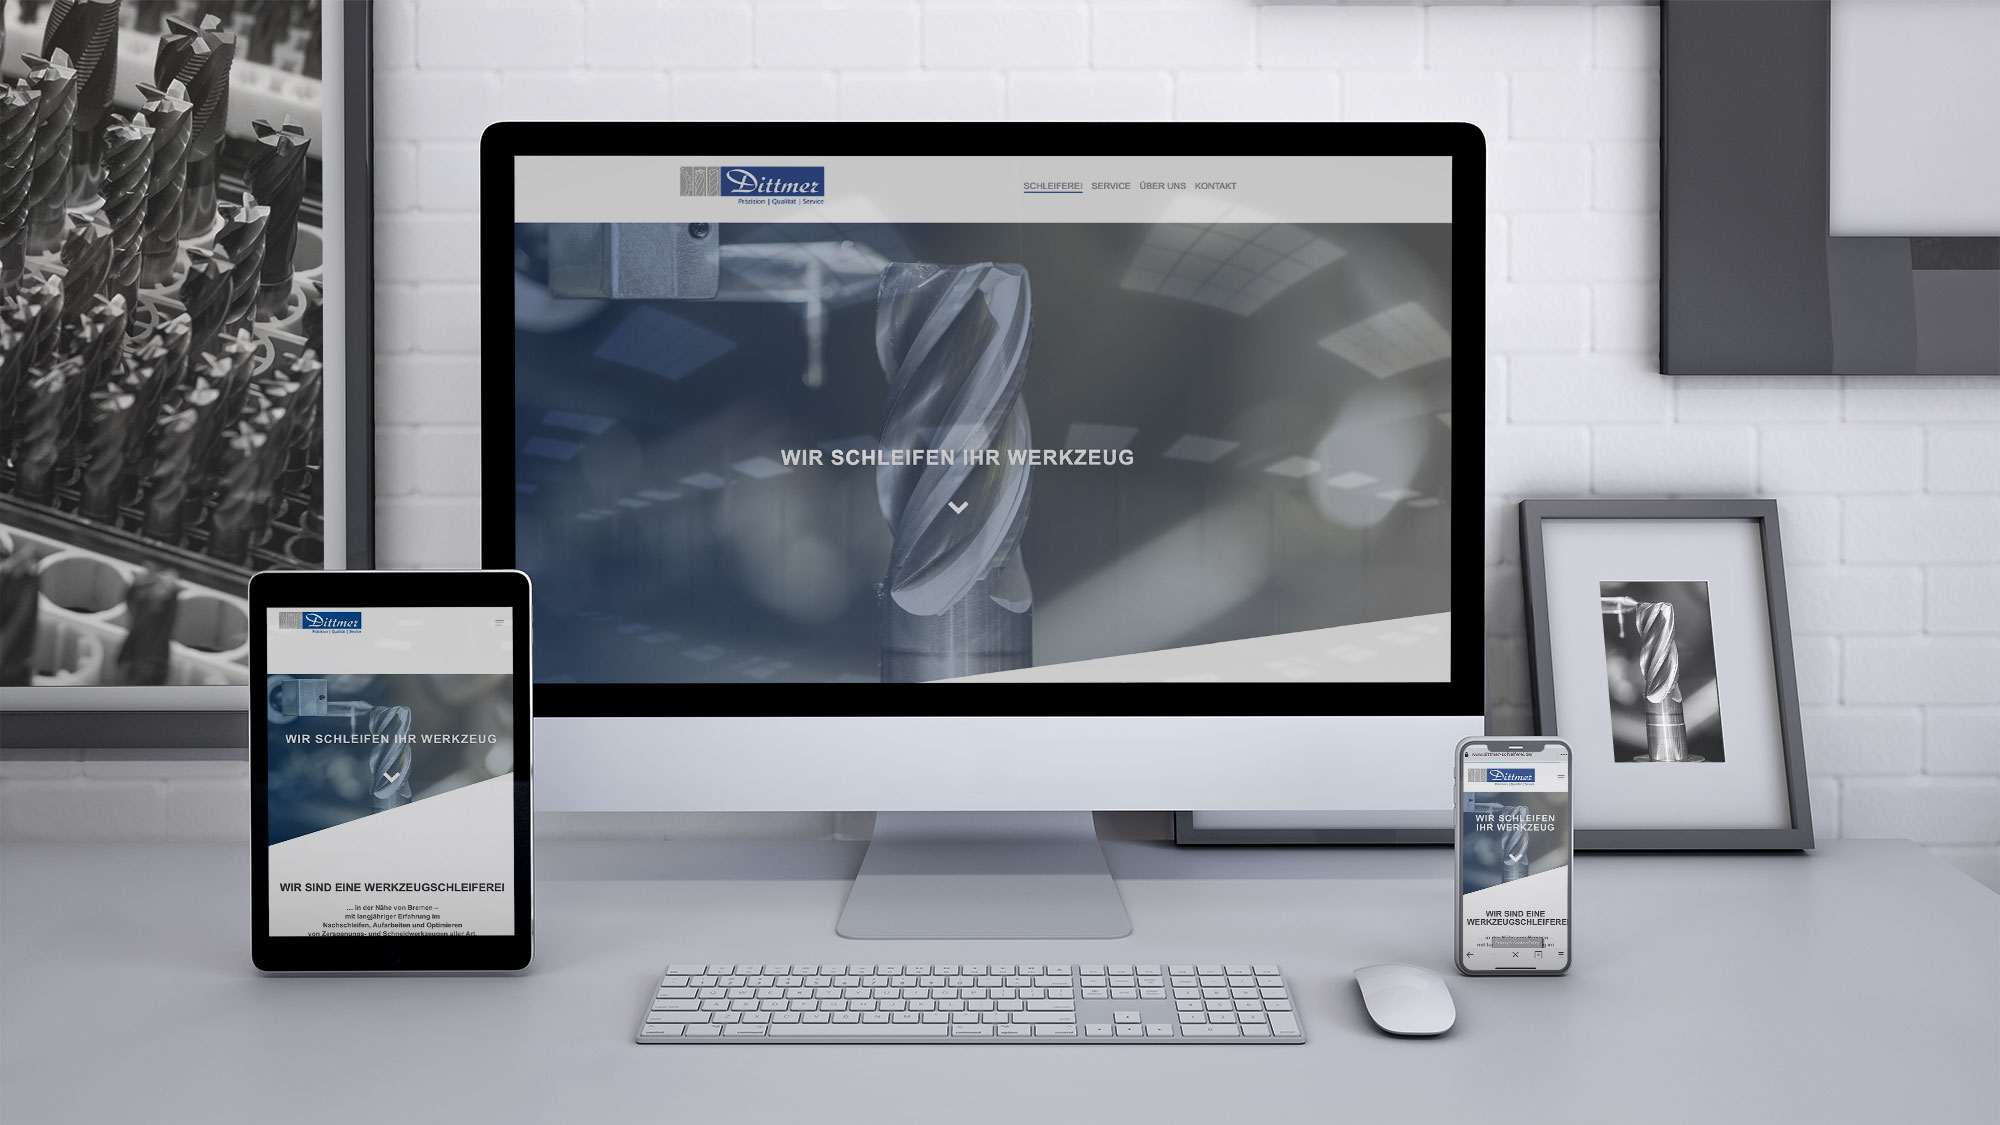 dittmer-webdesign-website-verden